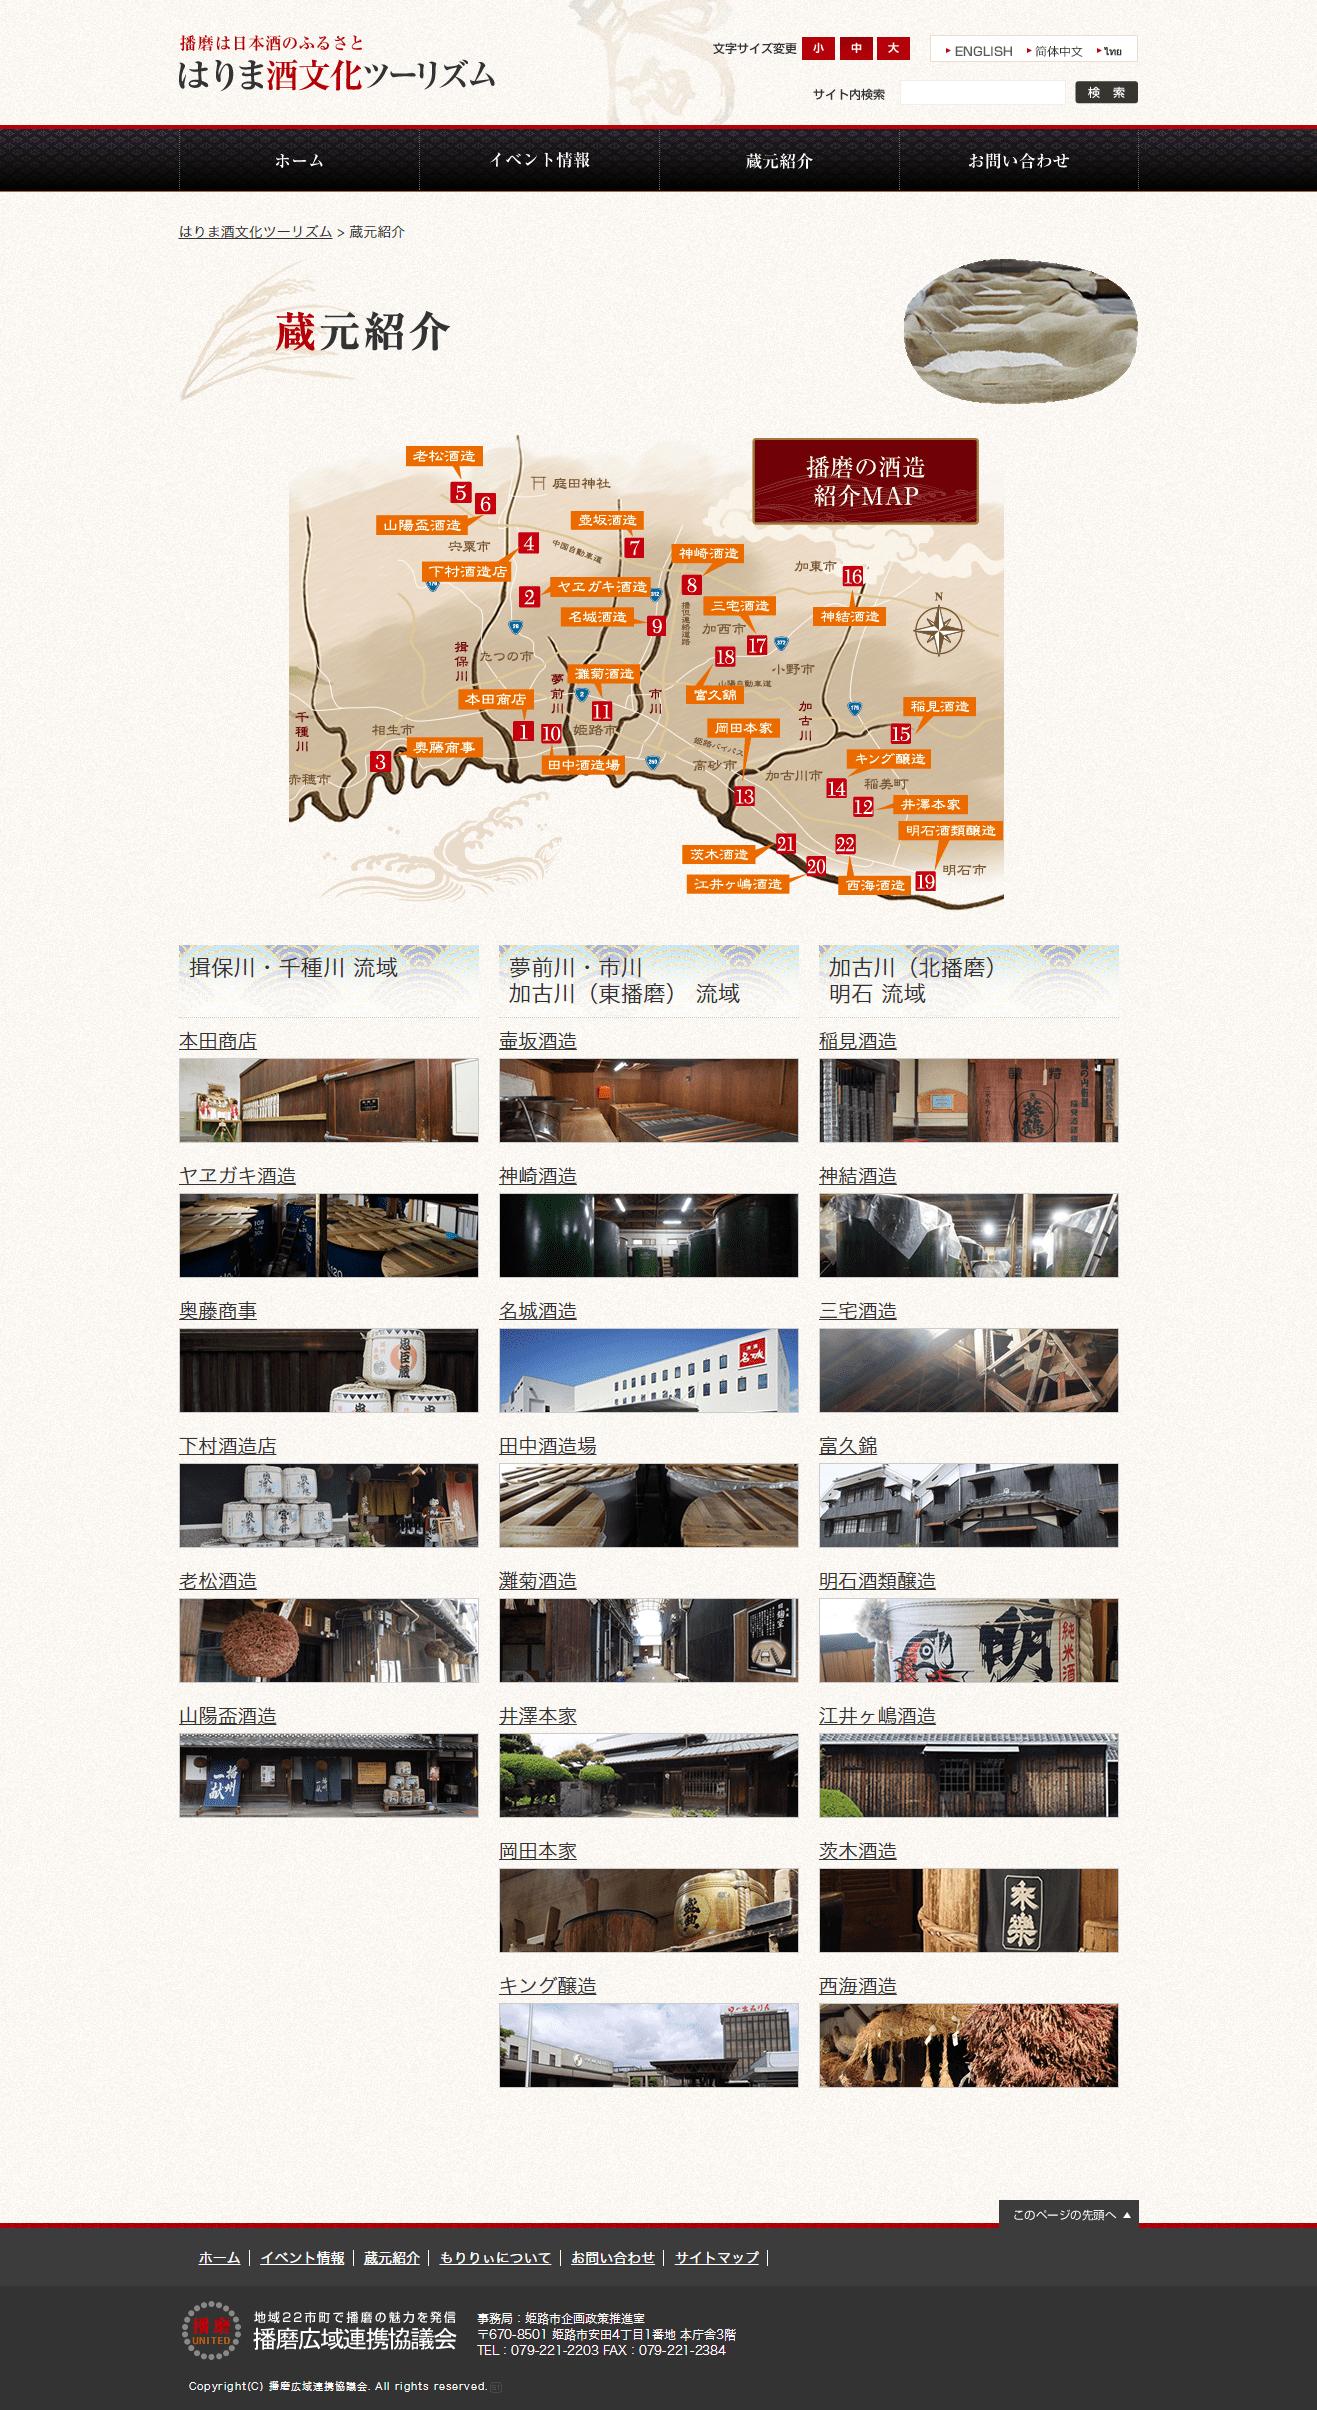 姫路市 播磨広域連携協議会 はりま酒文化ツーリズム 日本語サイト2